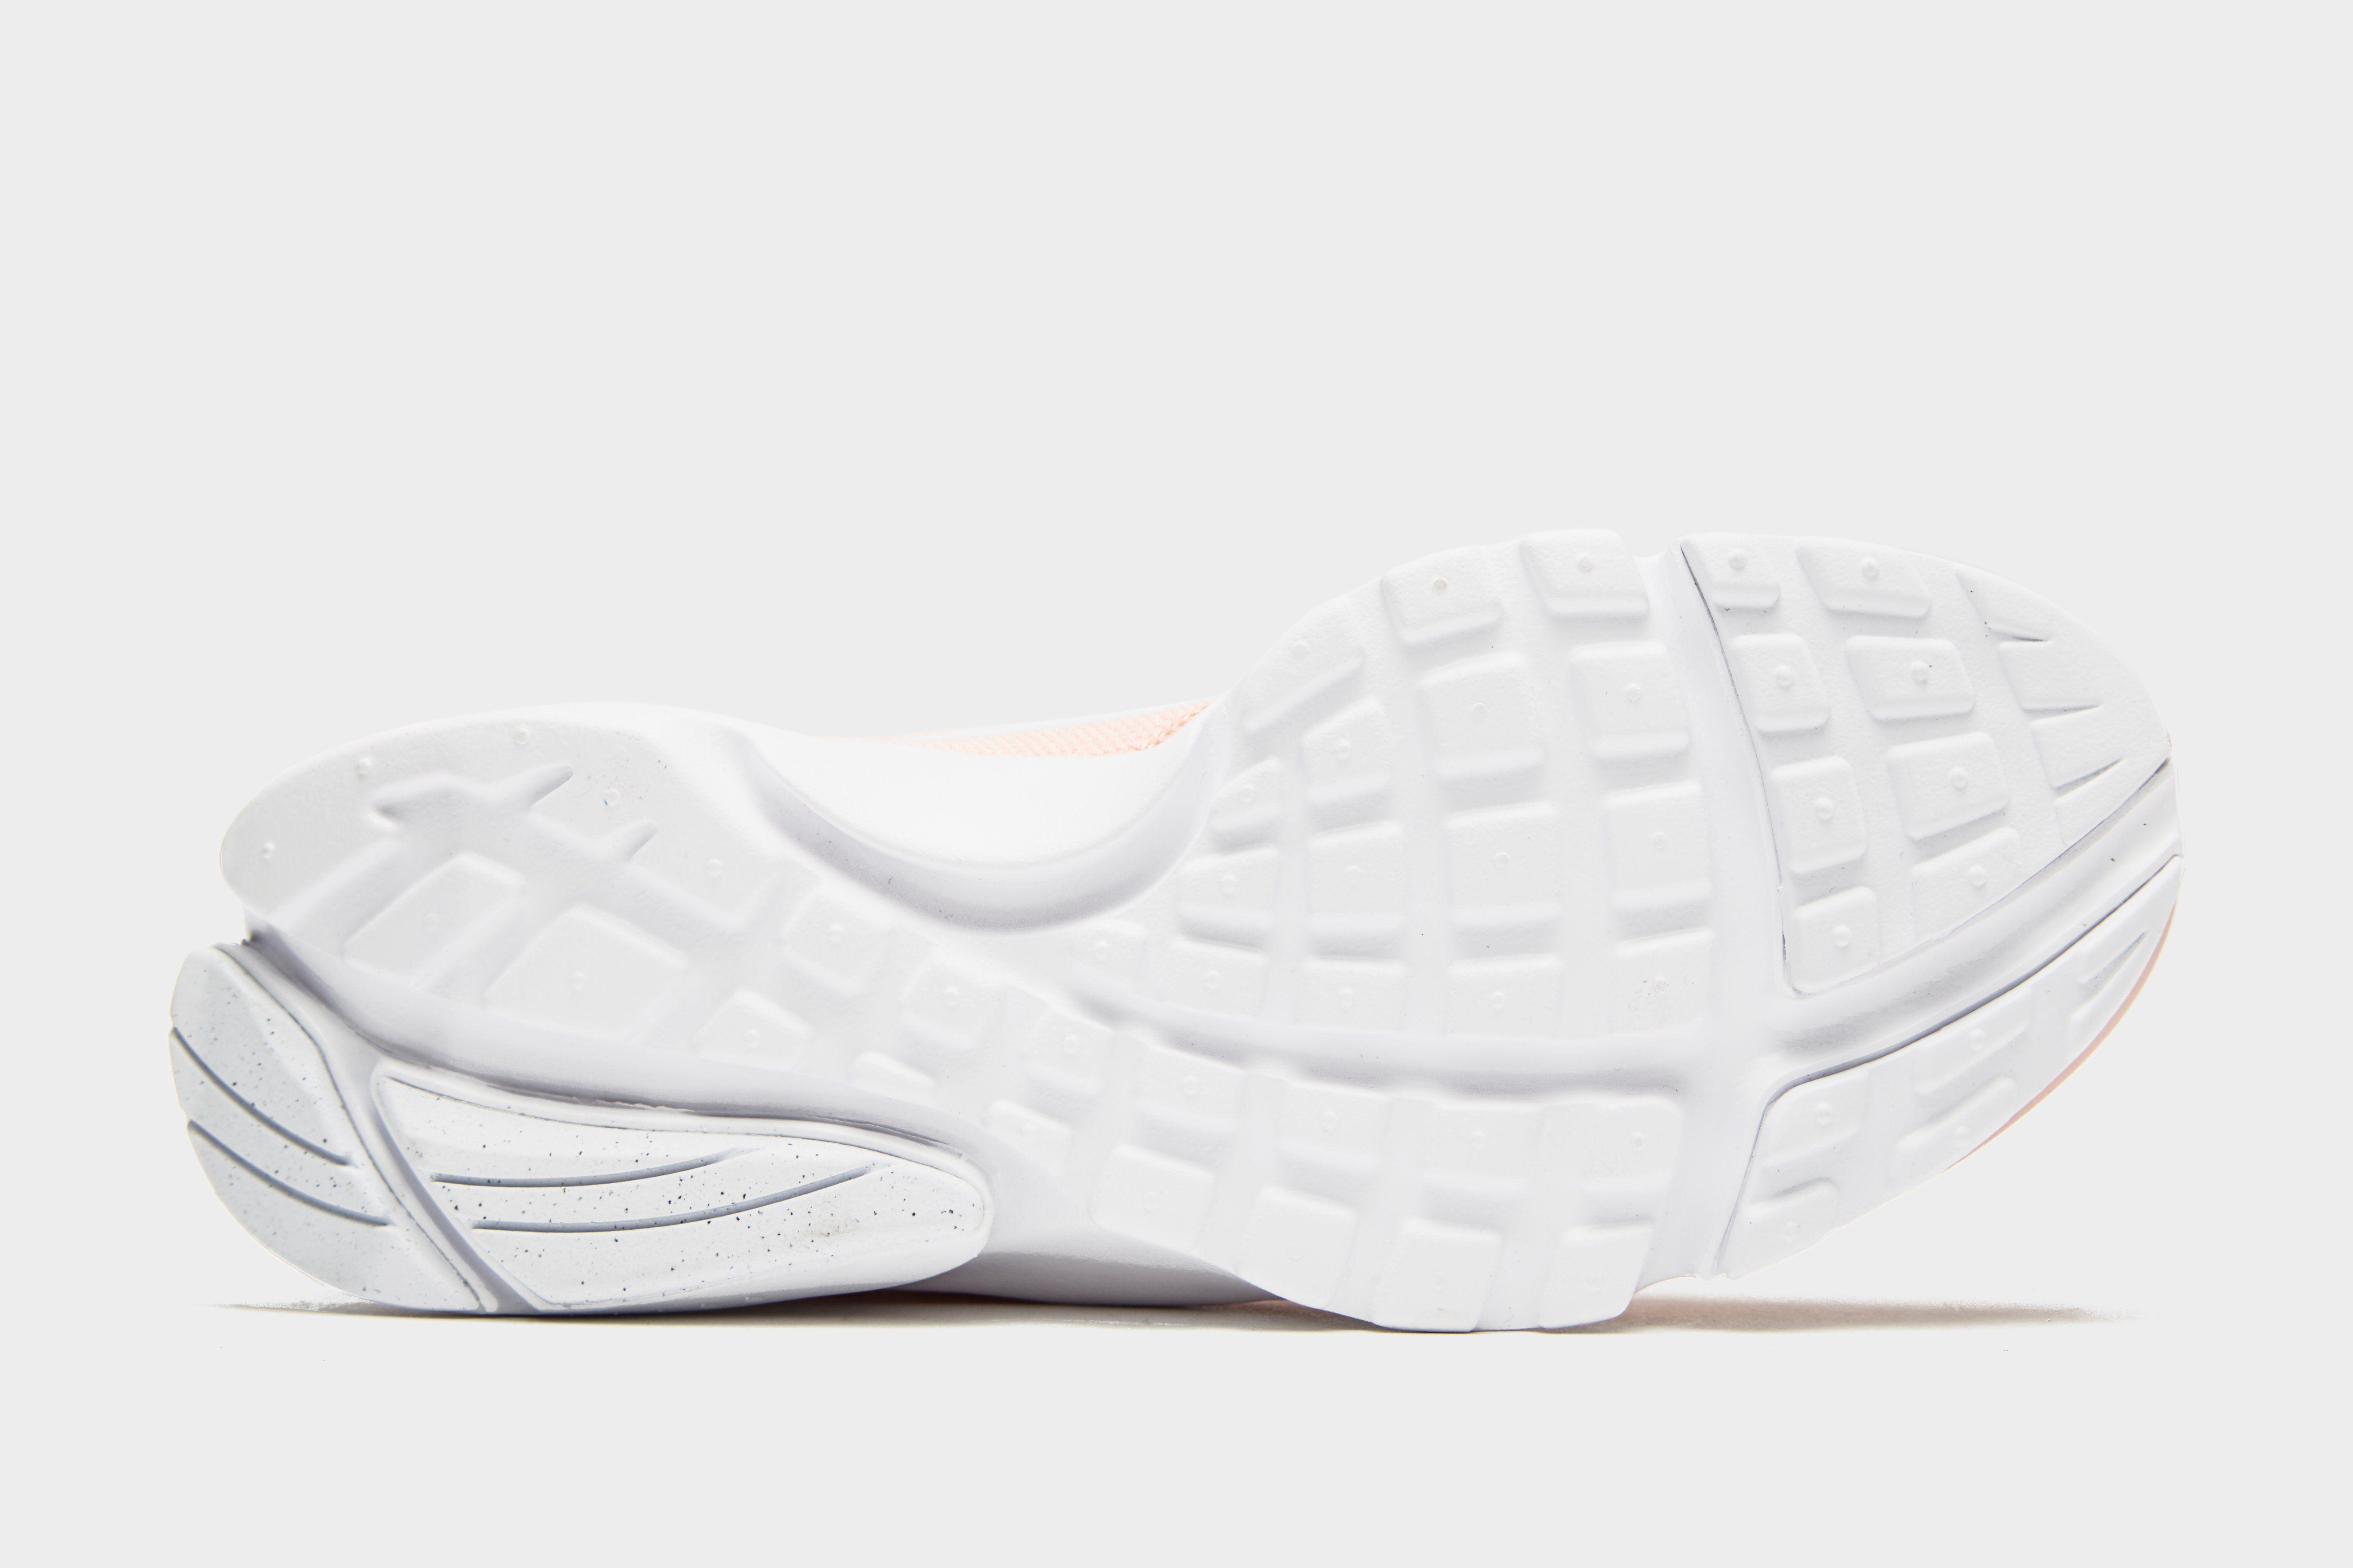 Gefälschte Online-Verkauf Nike Air Presto Fly Damen Pink Freies Verschiffen Bequem Günstig Kaufen 2018 Neueste Günstig Kaufen Websites Spielraum Perfekt xcLtqHN